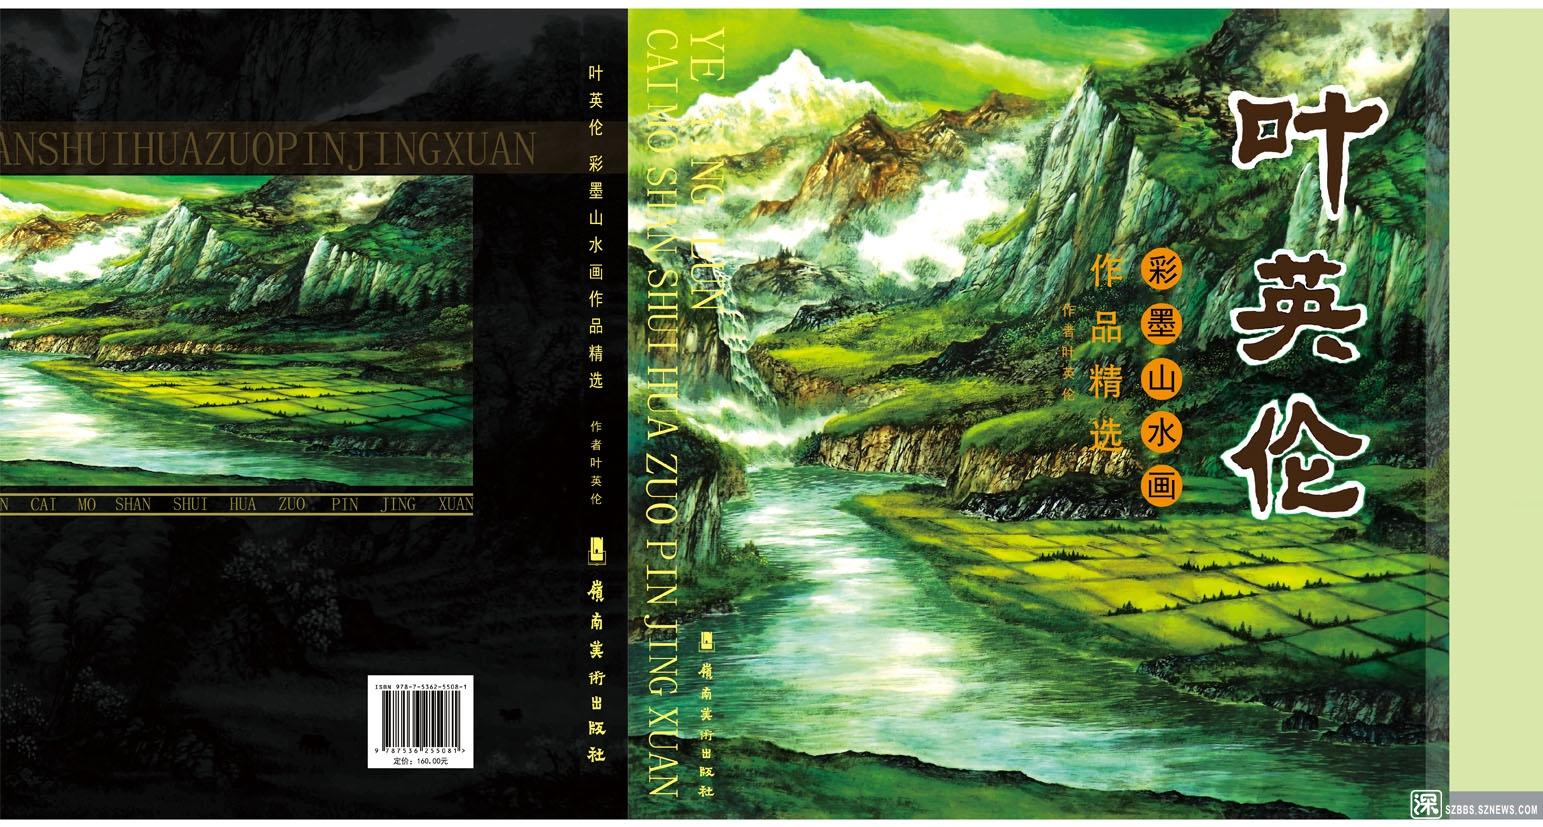 国际著名书画家叶英伦出版作品专辑有《叶英伦彩墨山水画国画技法》889mm×1194mm  1/.jpg